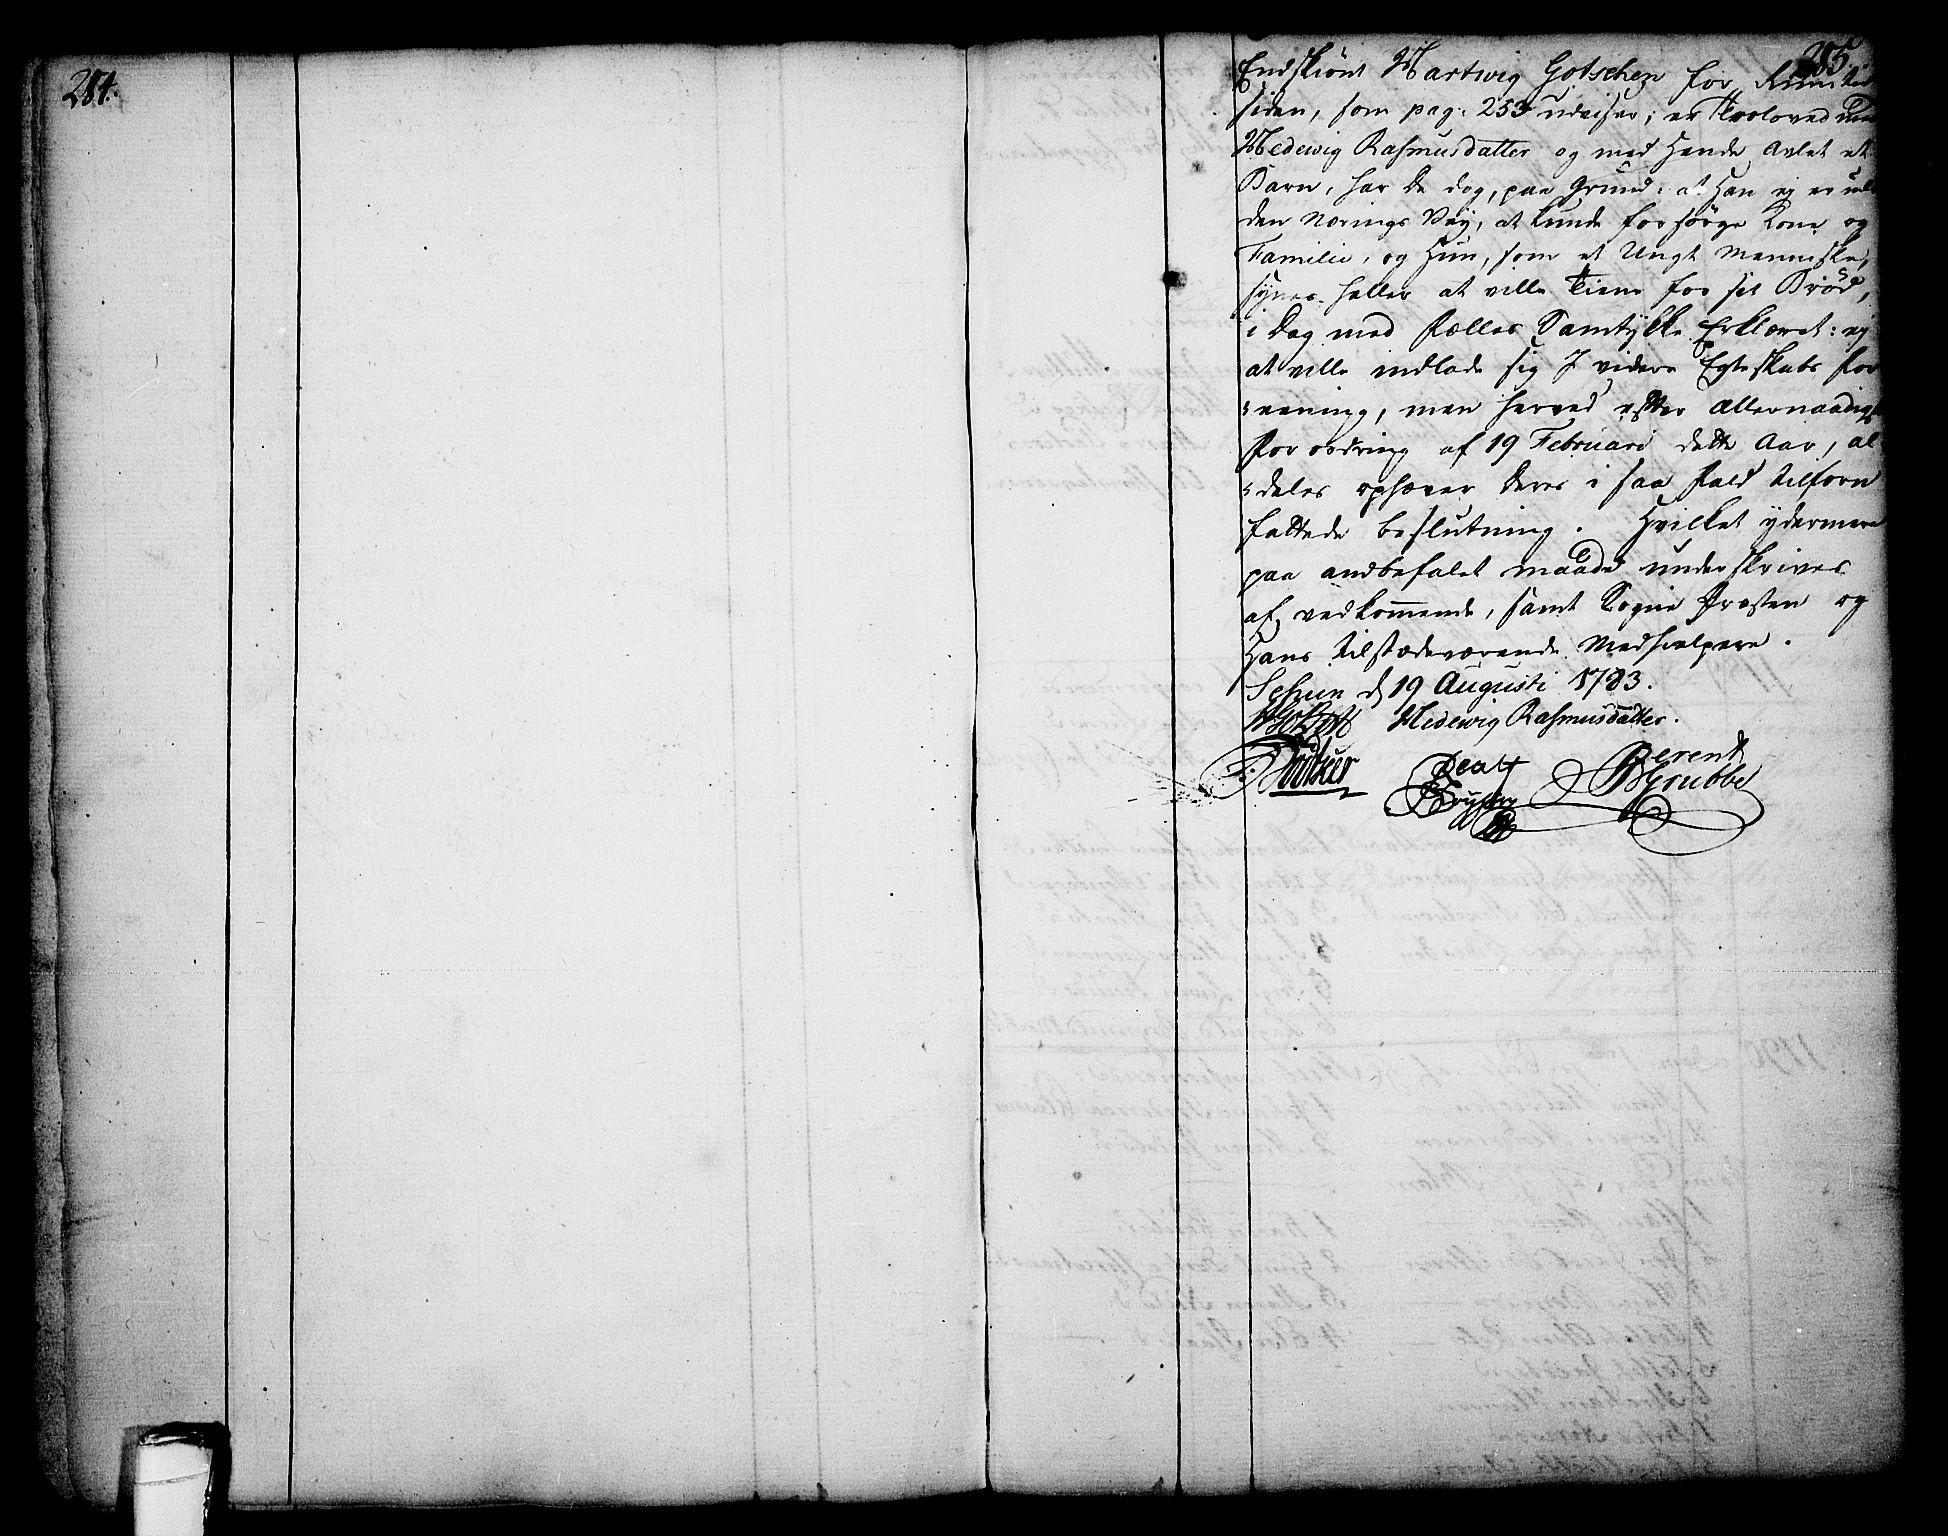 SAKO, Skien kirkebøker, F/Fa/L0003: Ministerialbok nr. 3, 1755-1791, s. 284-285